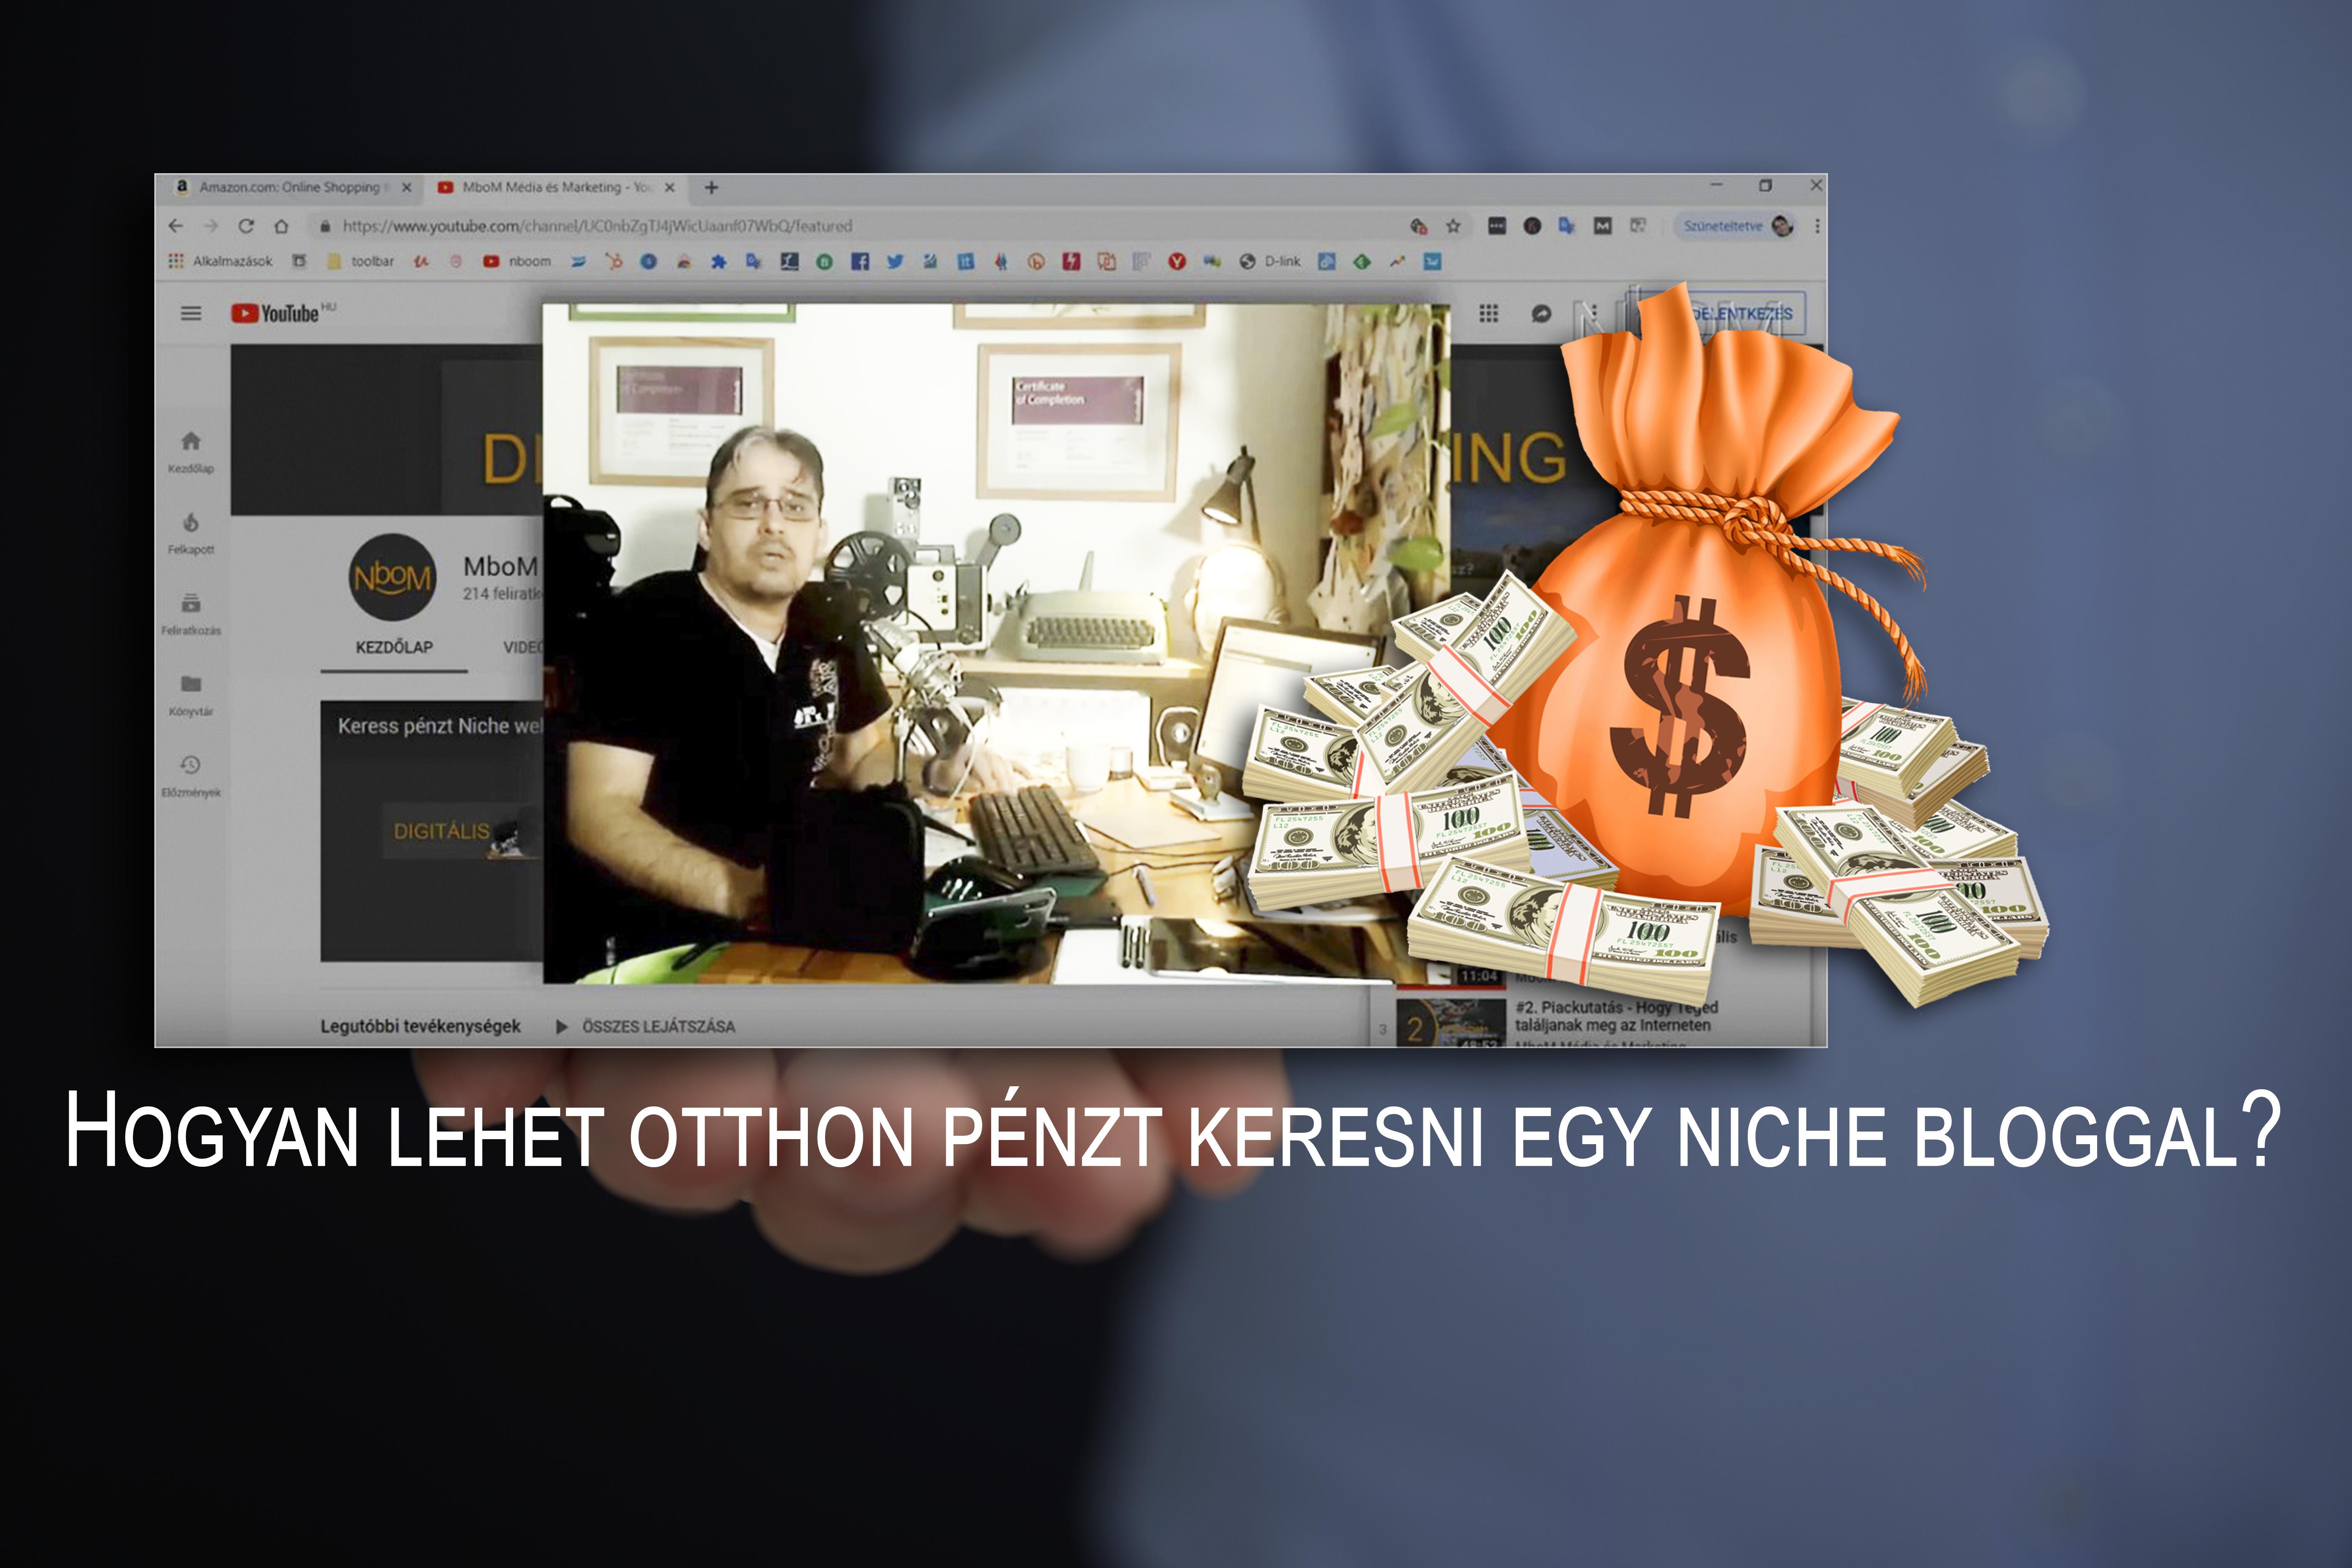 hogyan lehet pénzt keresni az interneten 3 millió